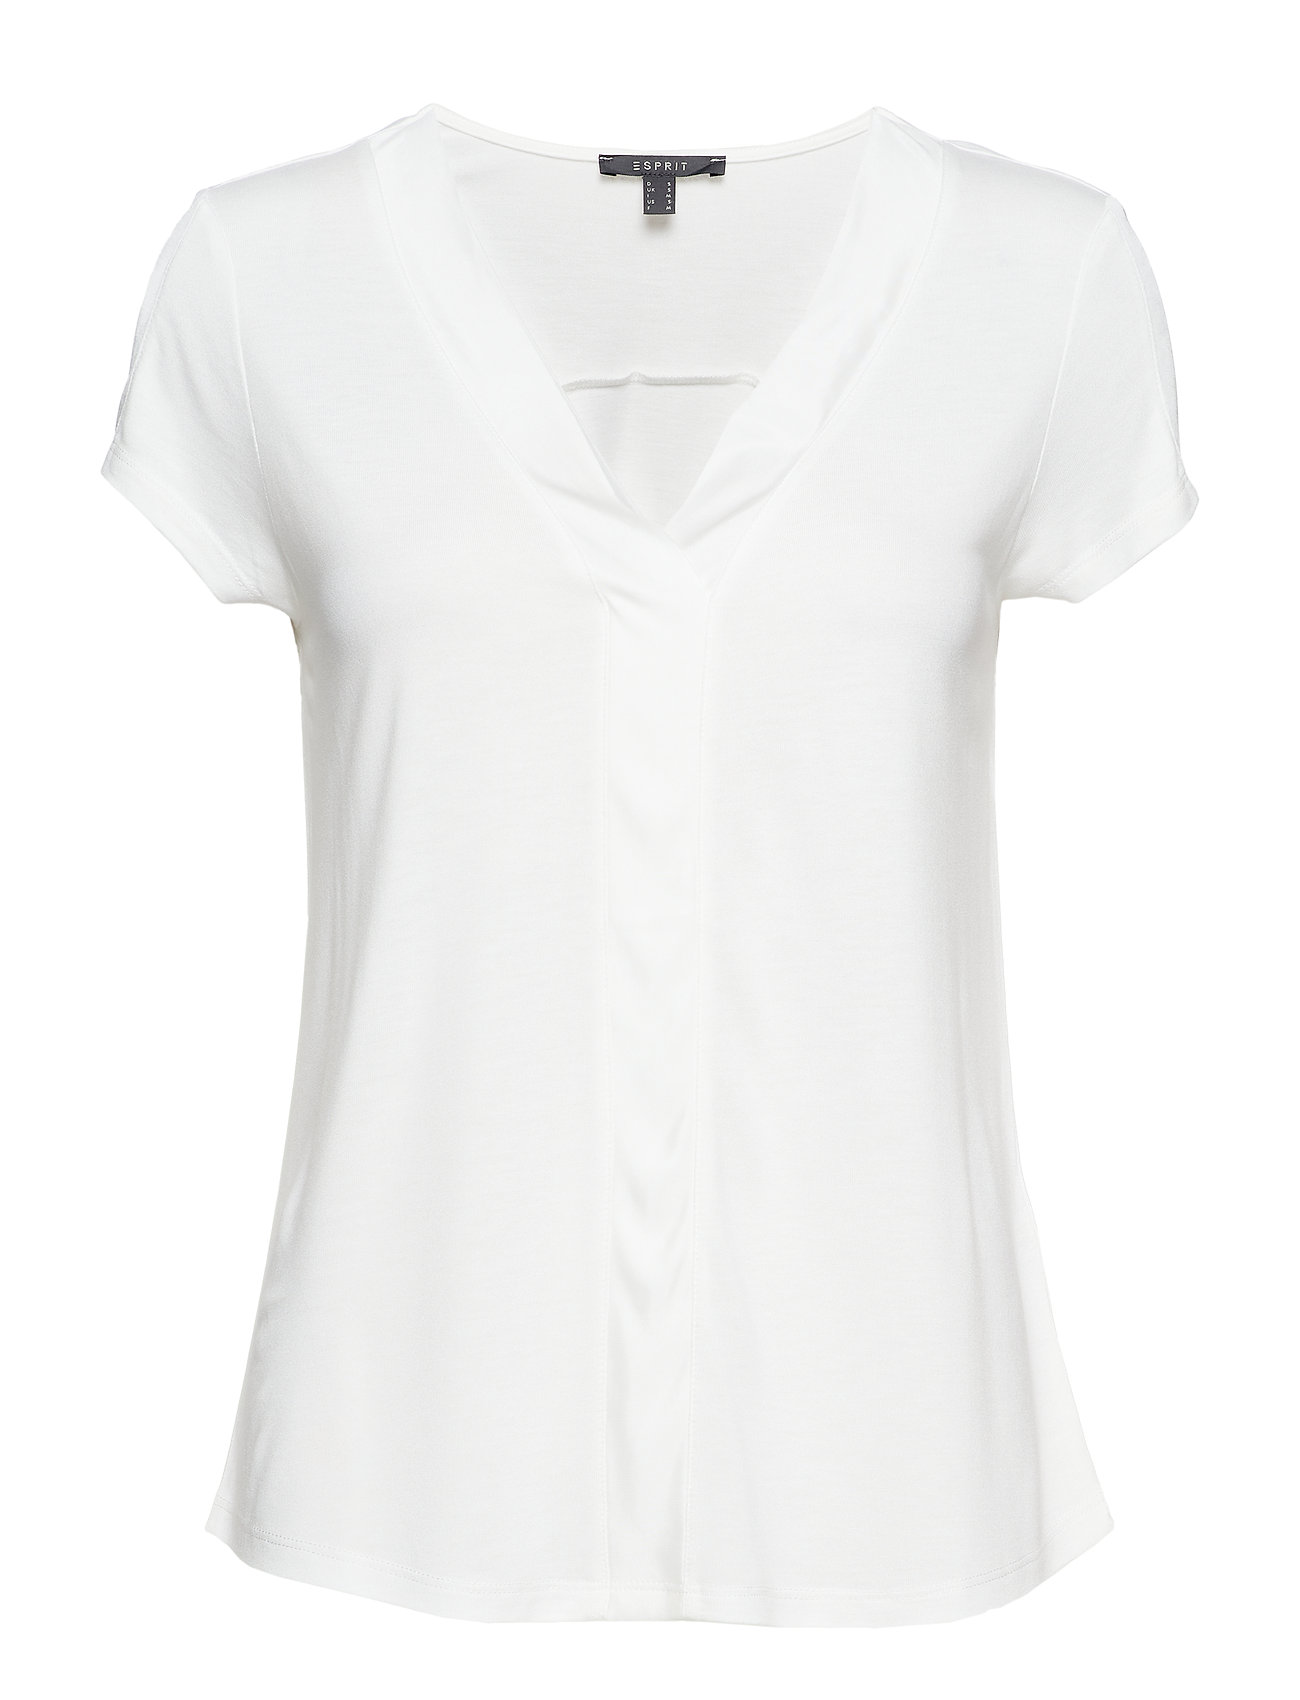 T WhiteEsprit T shirtsoff shirtsoff WhiteEsprit Collection Collection 7vYb6Iymfg